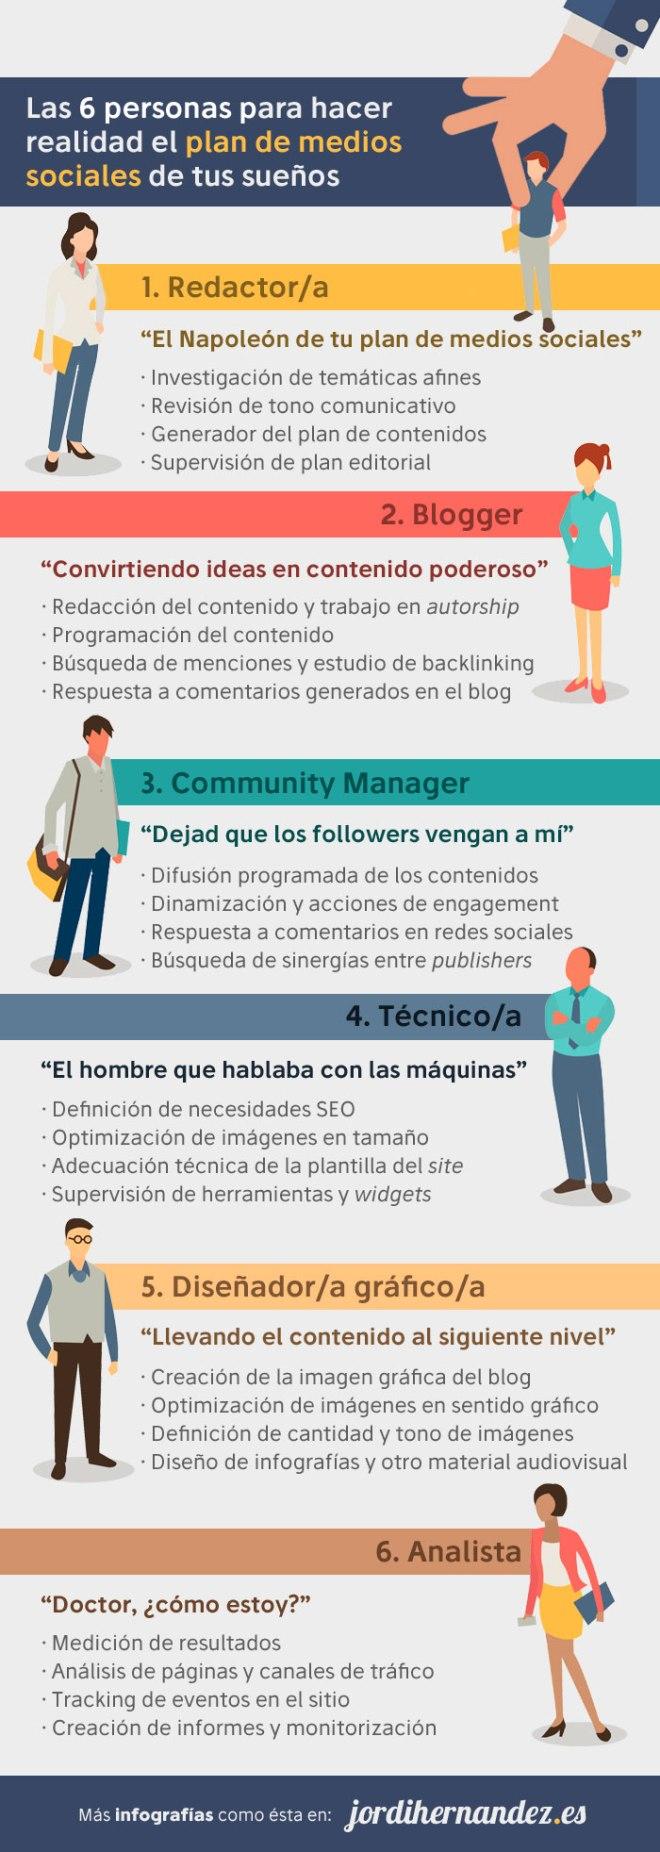 6 profesionales imprescindibles para un buen Plan en Redes Sociales